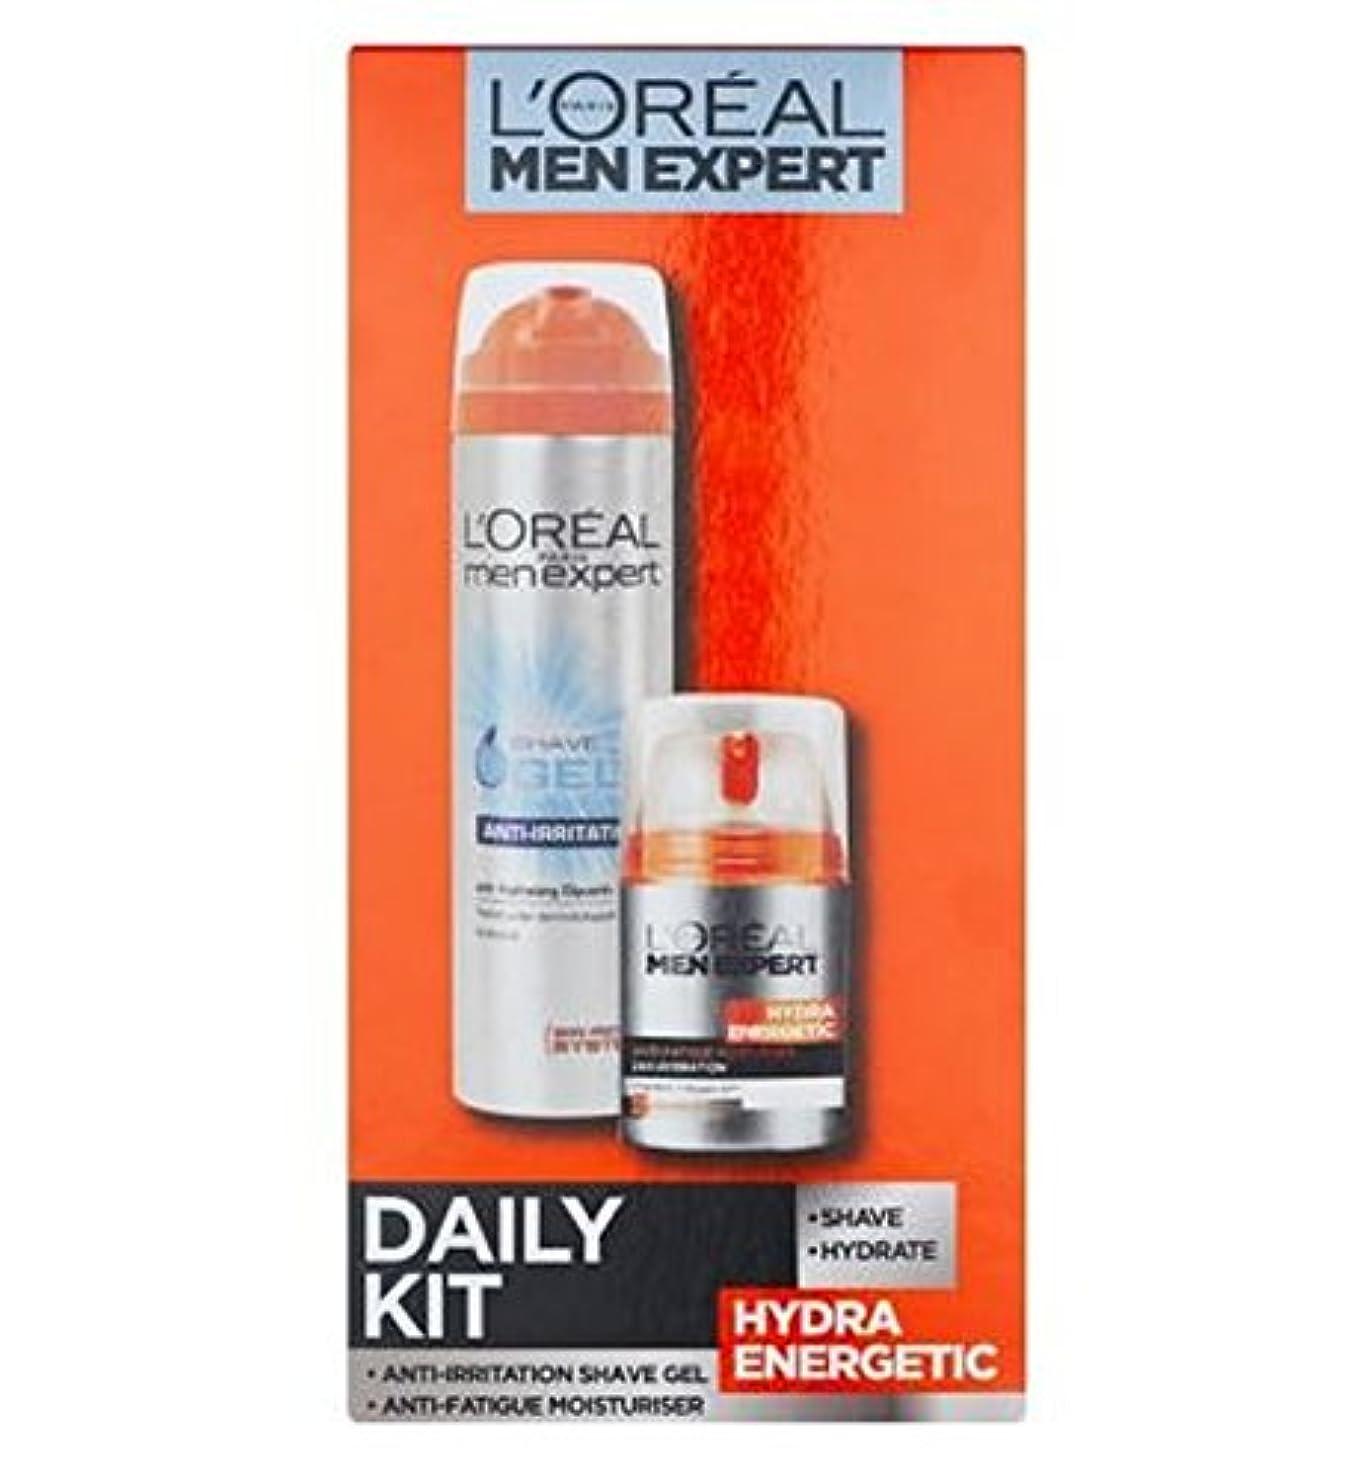 爪過去繰り返すL'Oreal Men Expert Hydra Energetic Daily Skincare Kit - ロレアルの男性の専門家ヒドラエネルギッシュな毎日のスキンケアキット (L'Oreal) [並行輸入品]